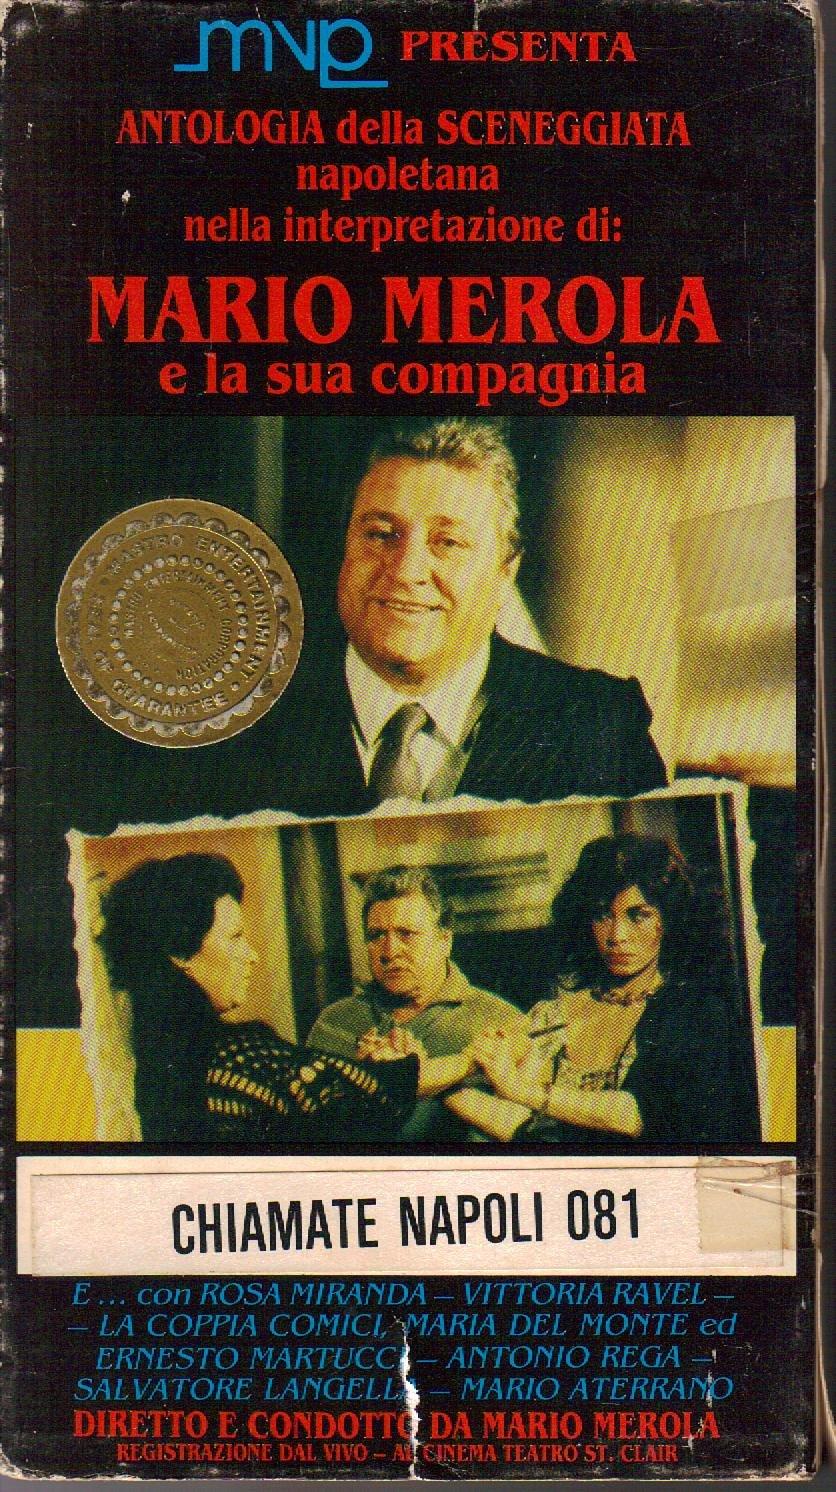 MARIO MEROLA Chiamate Napoli 081 VHS Sceneggiata Napoletana MNP Radio City Film Exchange